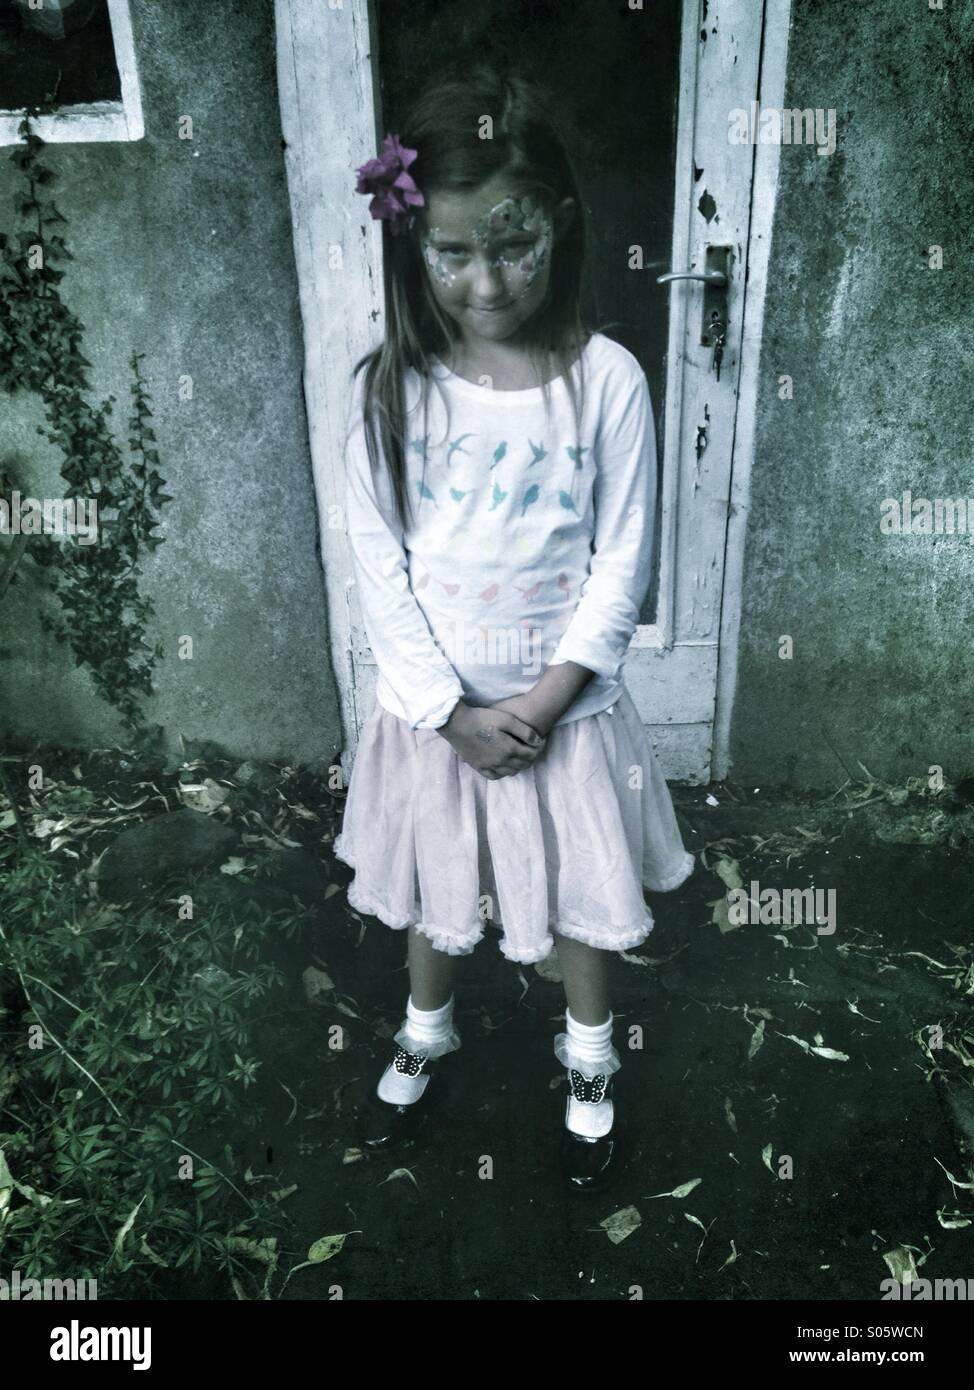 Chica asustada Imagen De Stock